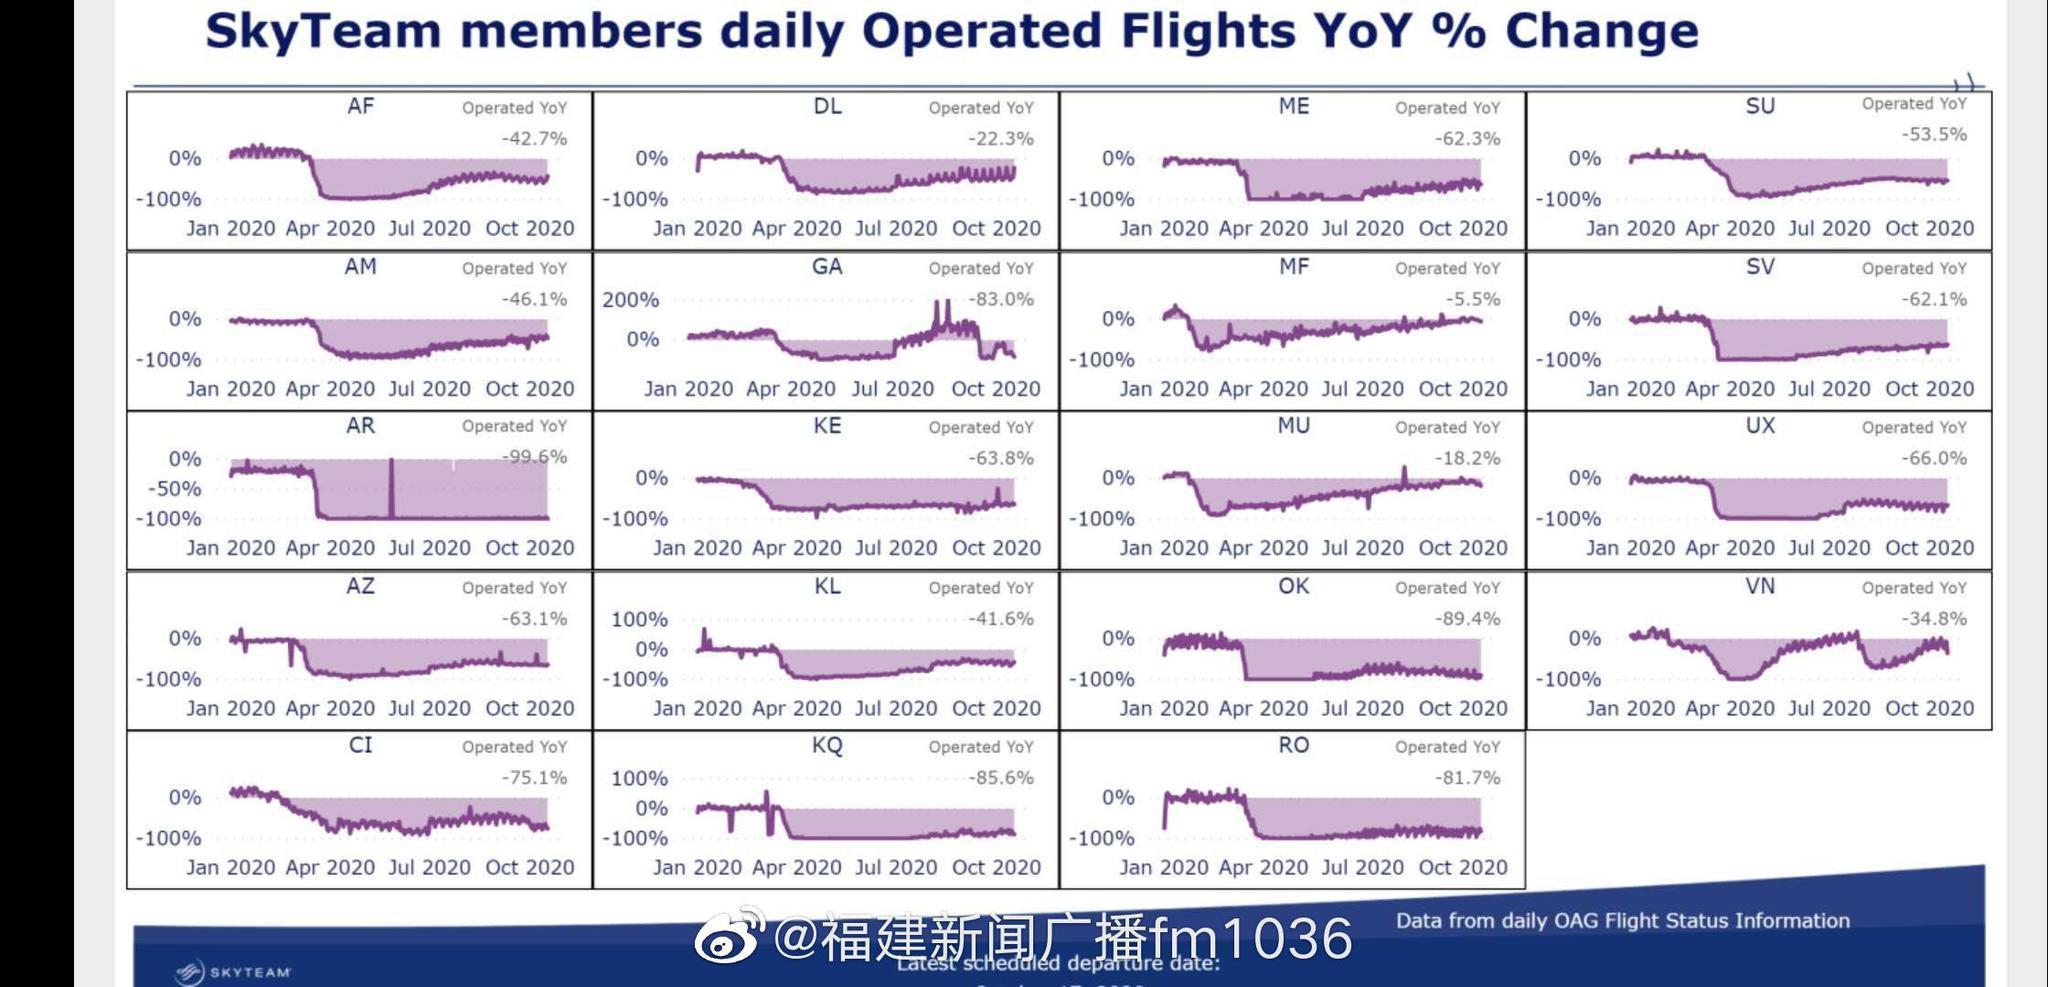 全球领先!厦航航班恢复率居天合联盟第一